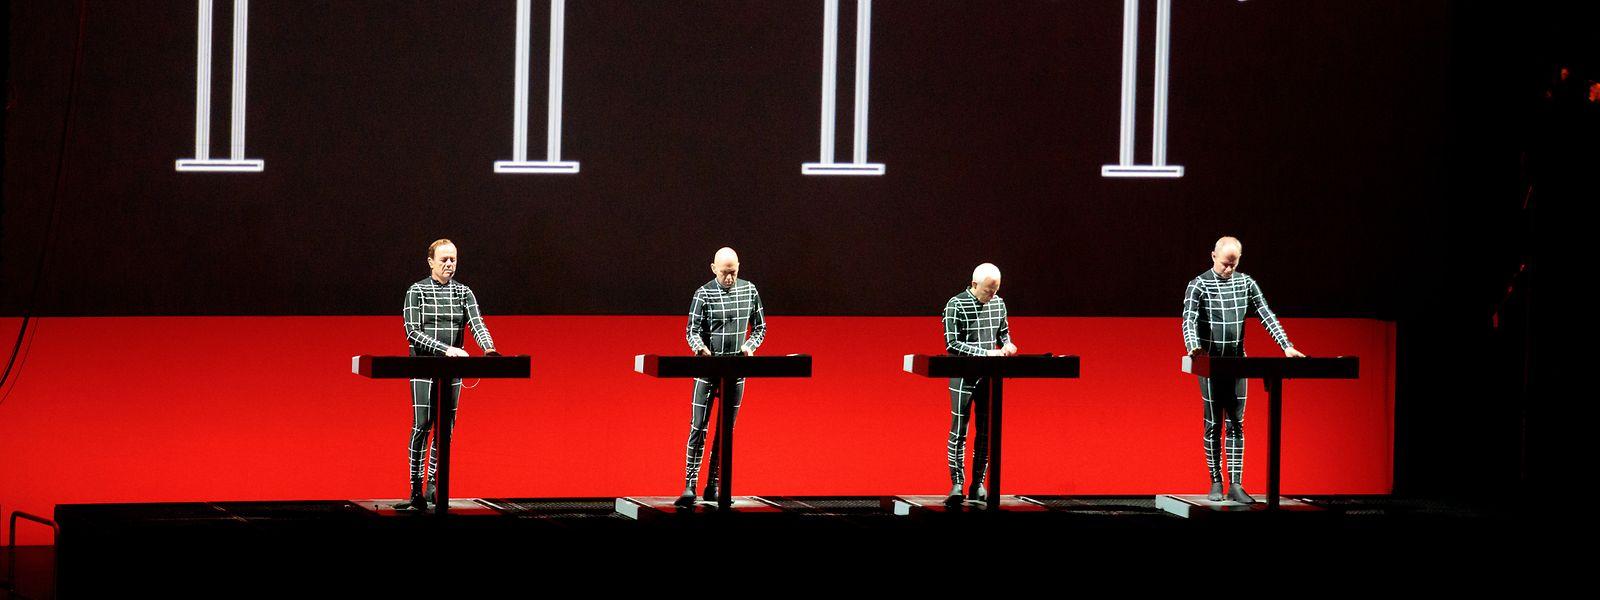 Die Kraftwerker Ralf Hütter, Henning Schmitz, Fritz Hilpert und Falk Grieffenhagen (v.l.n.r.) integrieren sich durch ihre Anzüge in das visuelle Konzept der Show.